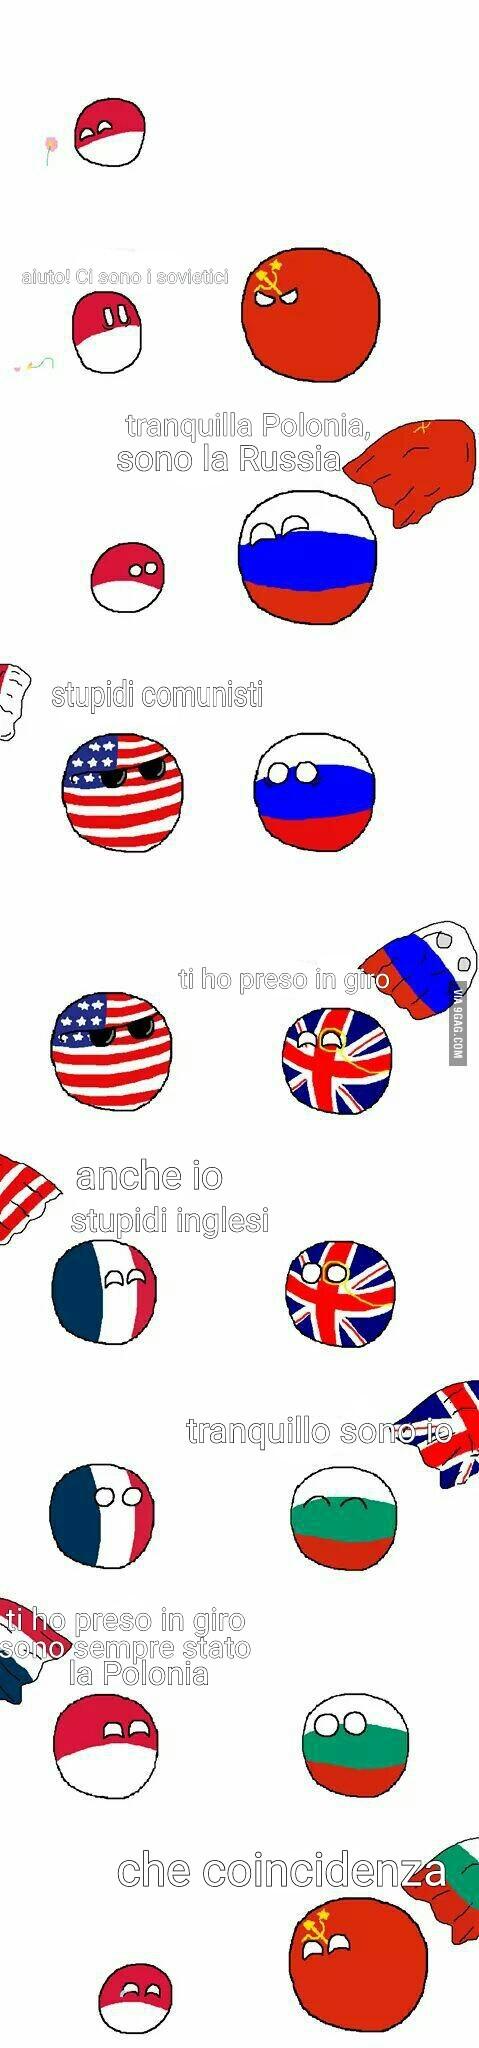 Meme tradotto quindi non repost ..... cito quellichebenpensano perché sì